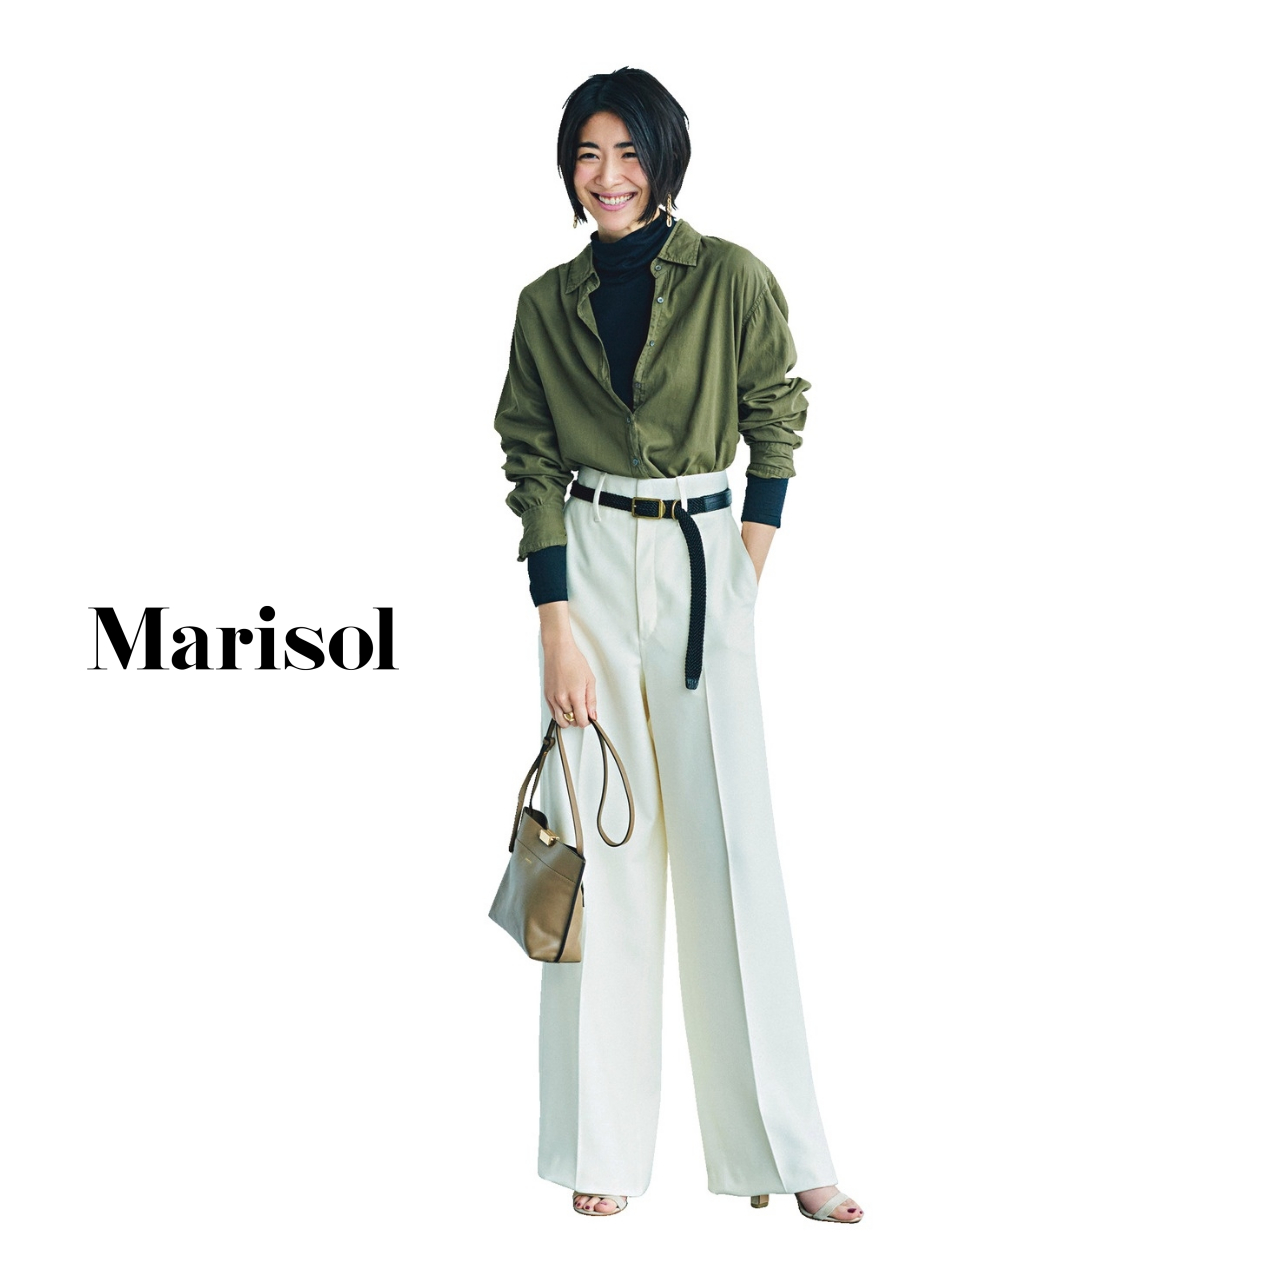 40代ファッション カーキシャツ×黒タートル×白パンツ コーデ